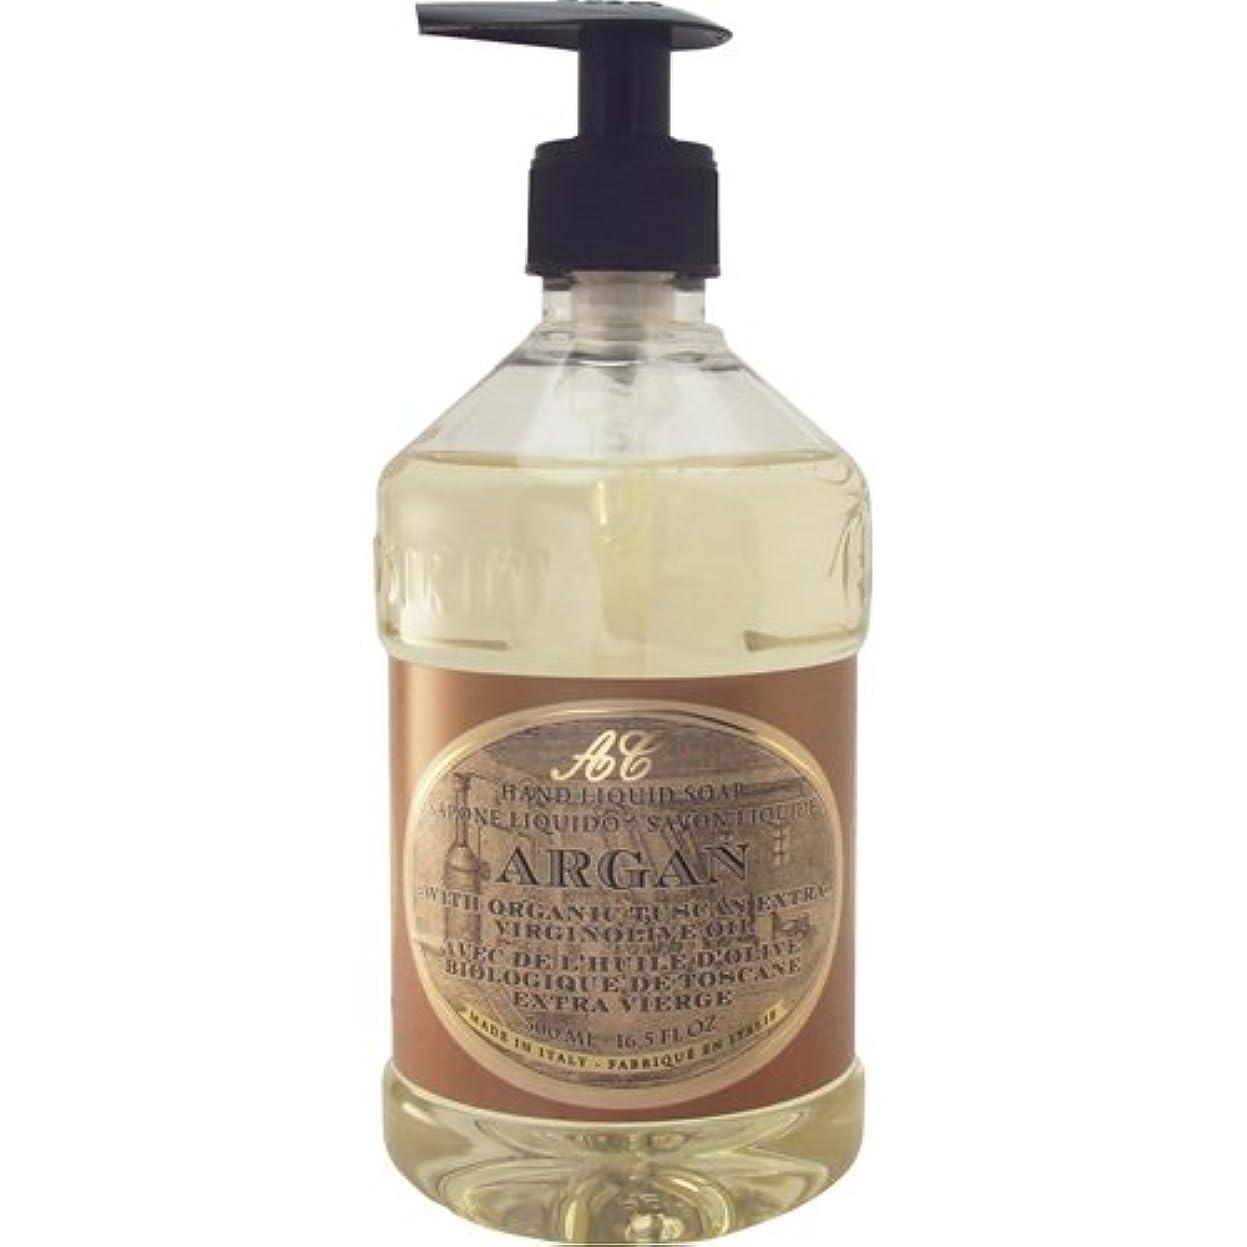 肌寒いに向けて出発平等Saponerire Fissi レトロシリーズ Liquid Soap リキッドソープ 500ml Argan アルガンオイル